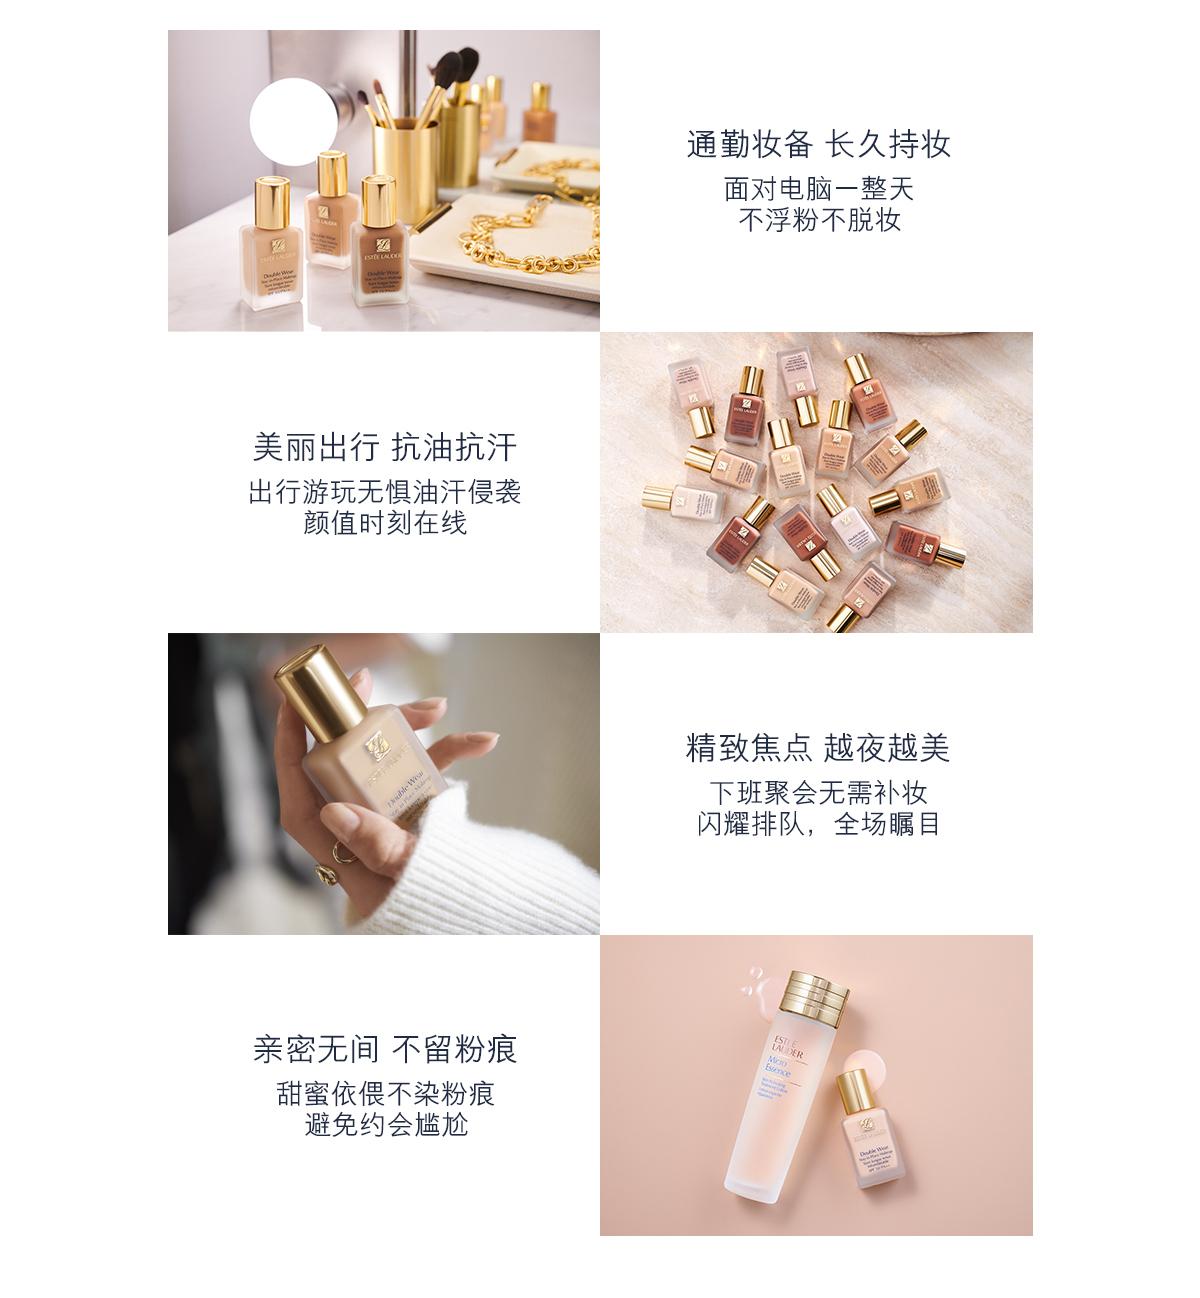 雅诗兰黛持妆粉底液 (5).jpg